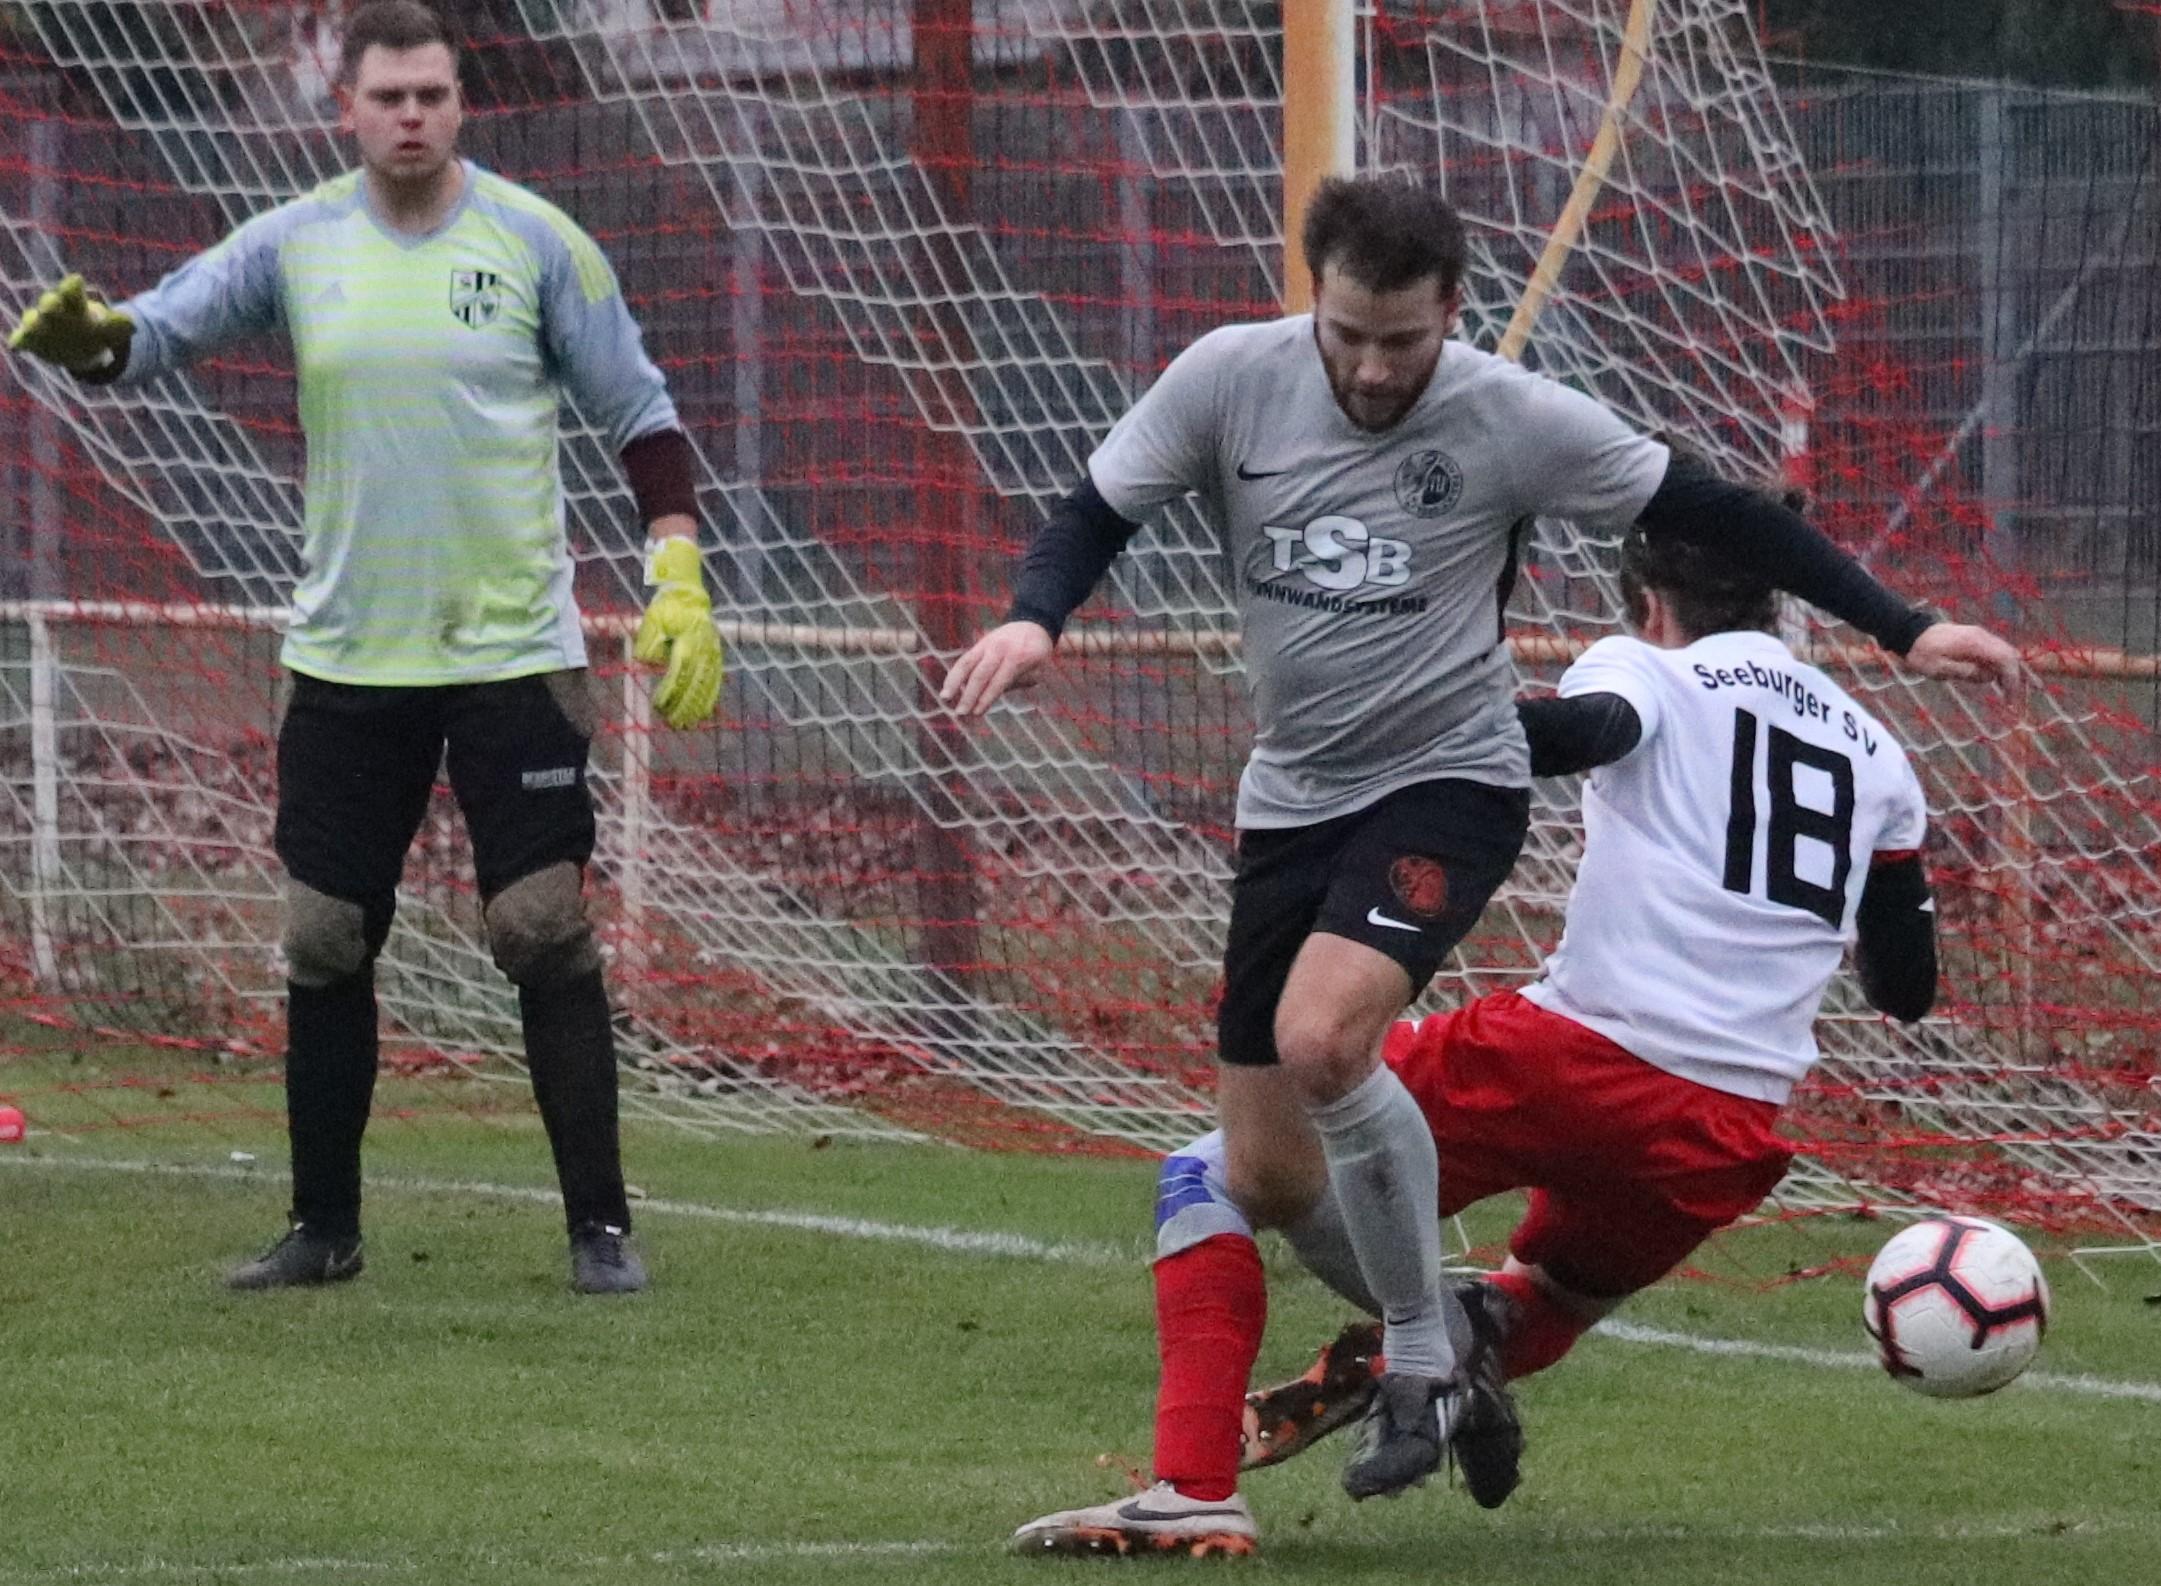 Voller Einsatz, volle Punkte – 2:0 gegen Seeburger SV